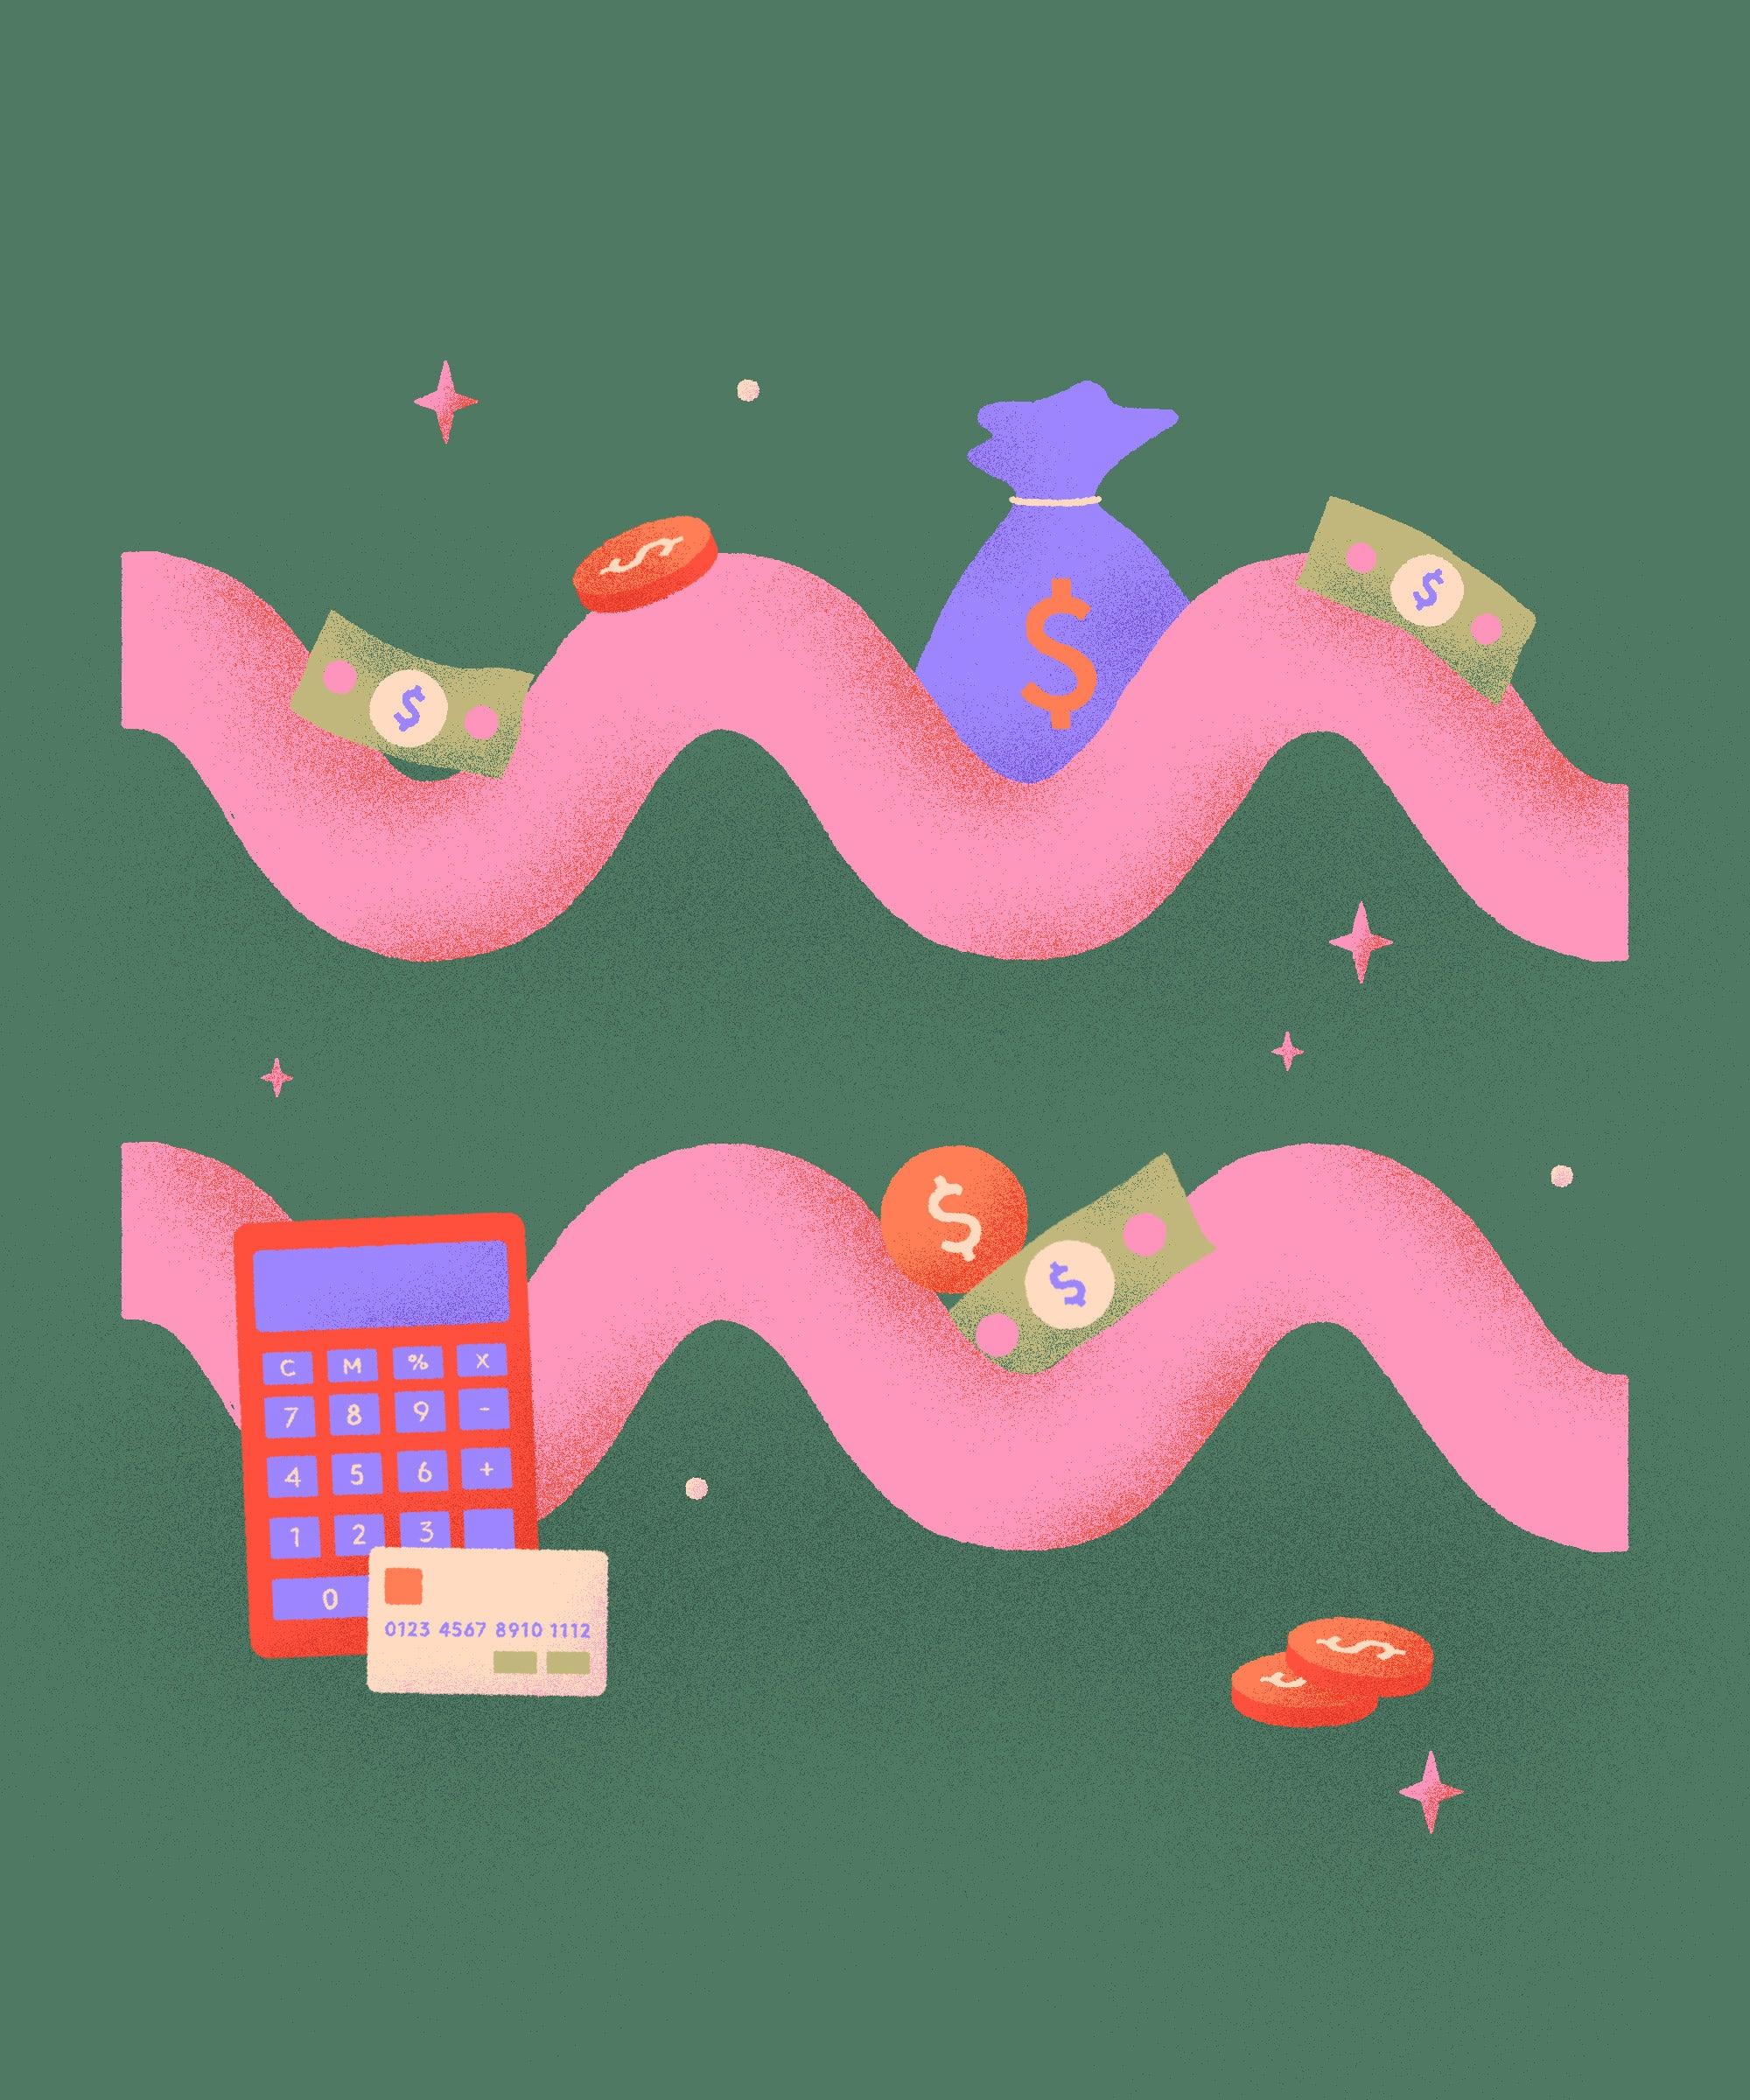 Dein Finanzhoroskop 2020 – So stehen die Sterne in Sachen Geld und Karriere